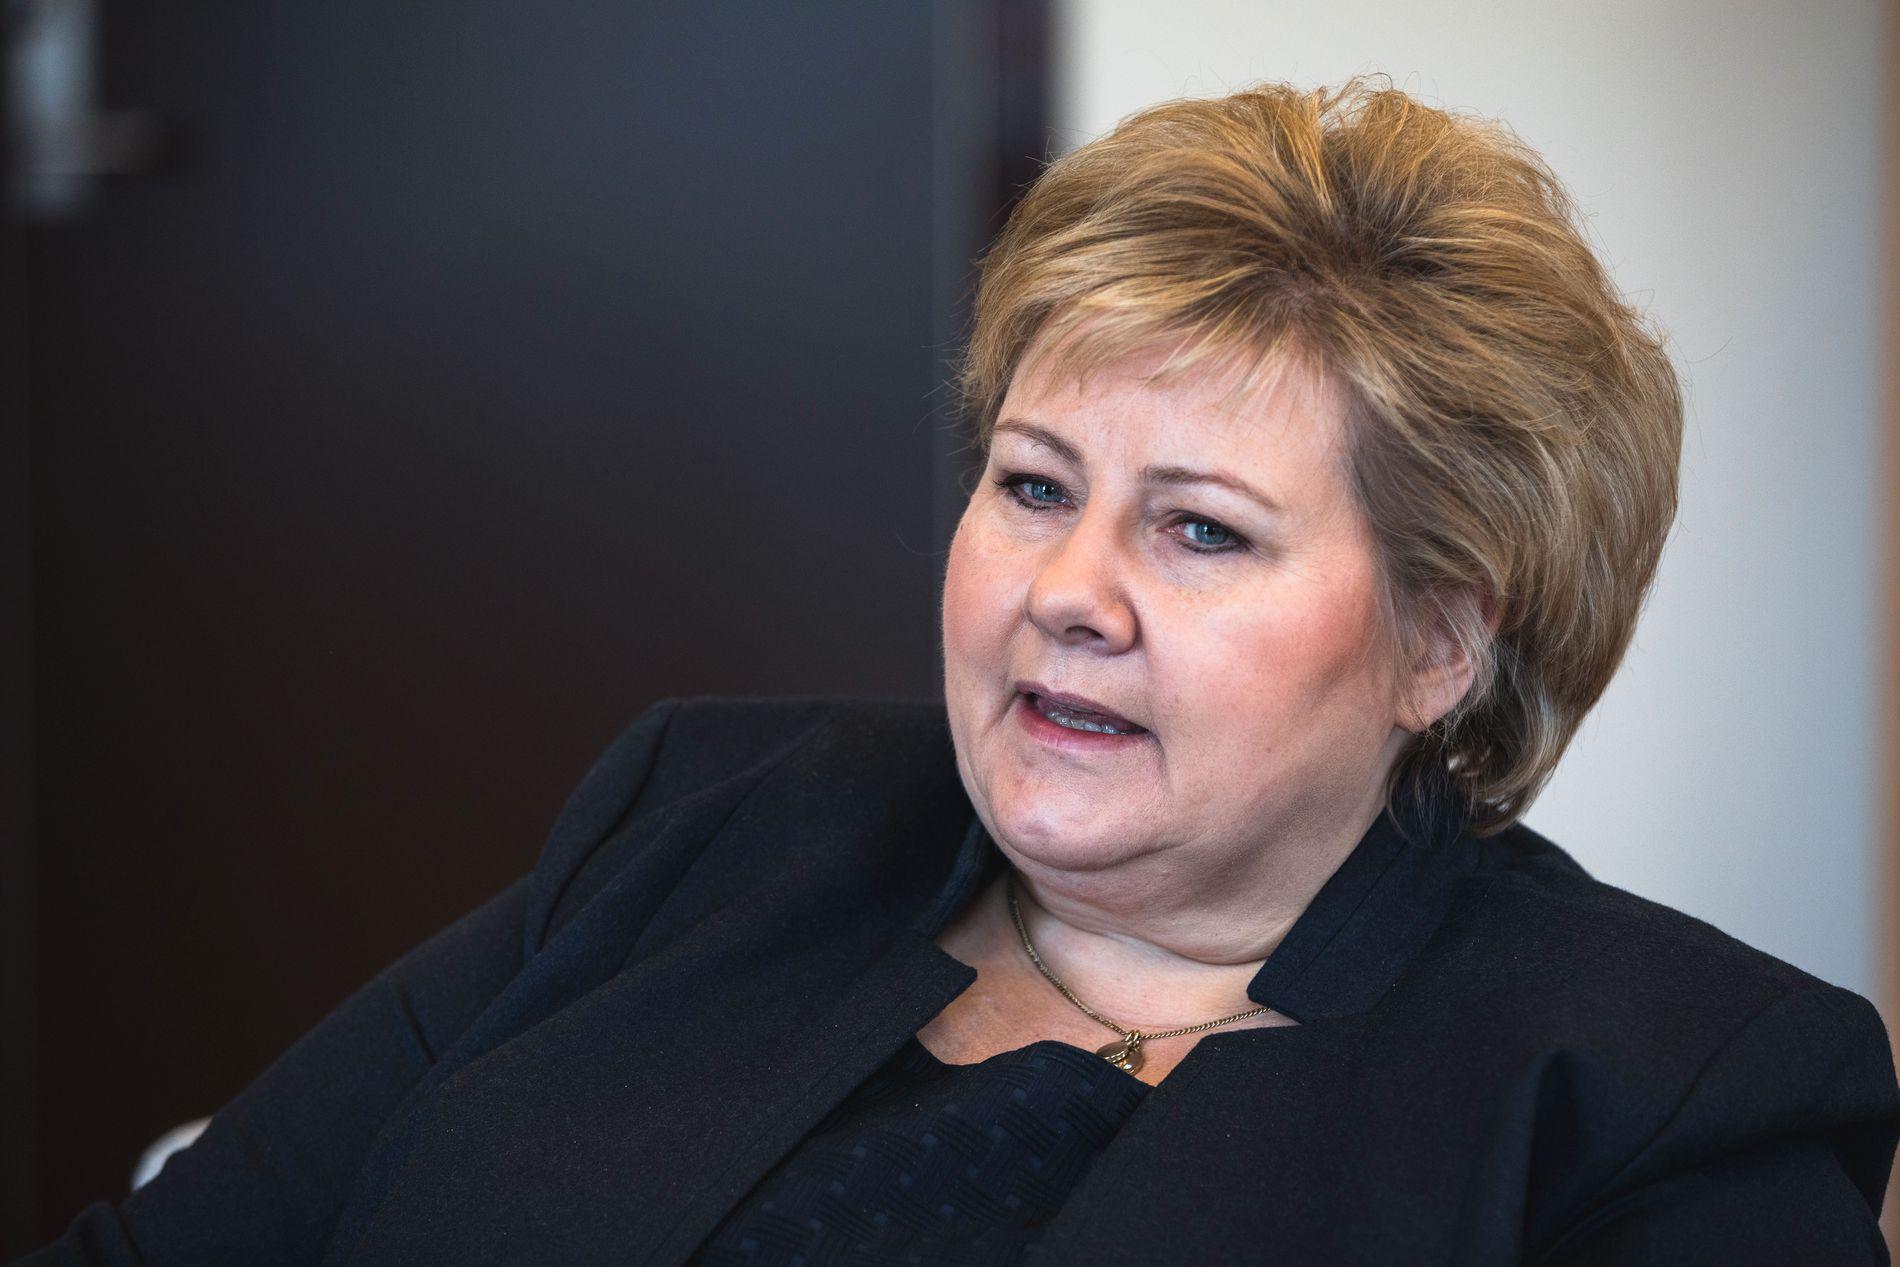 FORSTÅR: Statsminister Erna Solberg forteller at hun har forståelse for bakgrunnen for angrepet natt til lørdag.